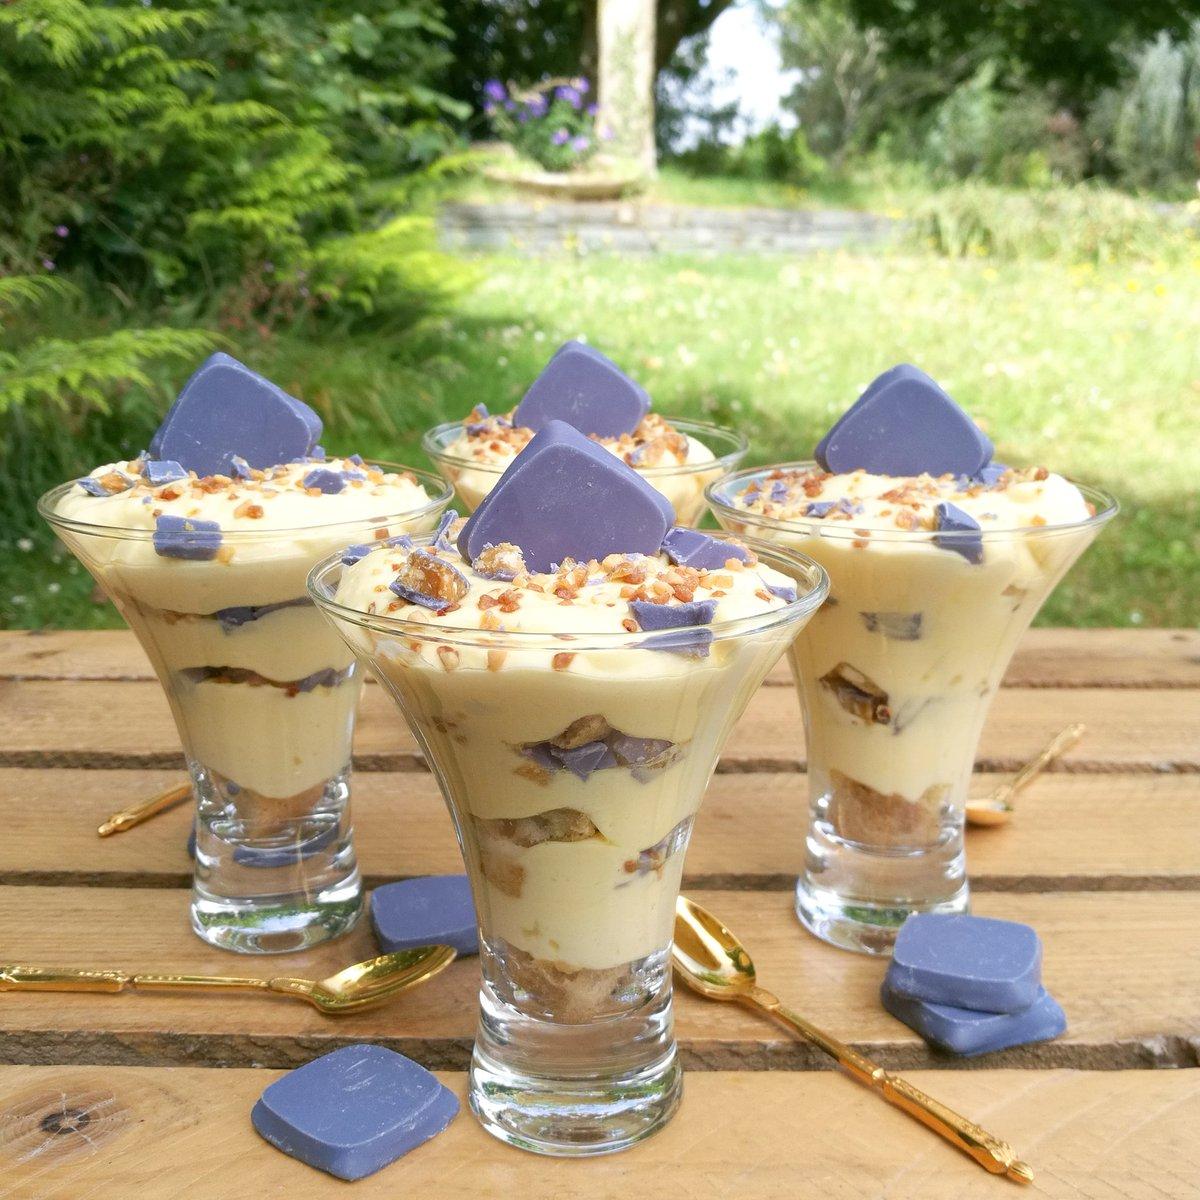 Mon tiramisu revisité aux Quernons d'Ardoise, un dessert parfait pour commencer le week-end tout en douceur 😋 Belle soirée à toutes et à tous ❤ @MaisonDuQuernon #recette #gastronomie #blogger #food #angers https://t.co/hTYnIKcXGL